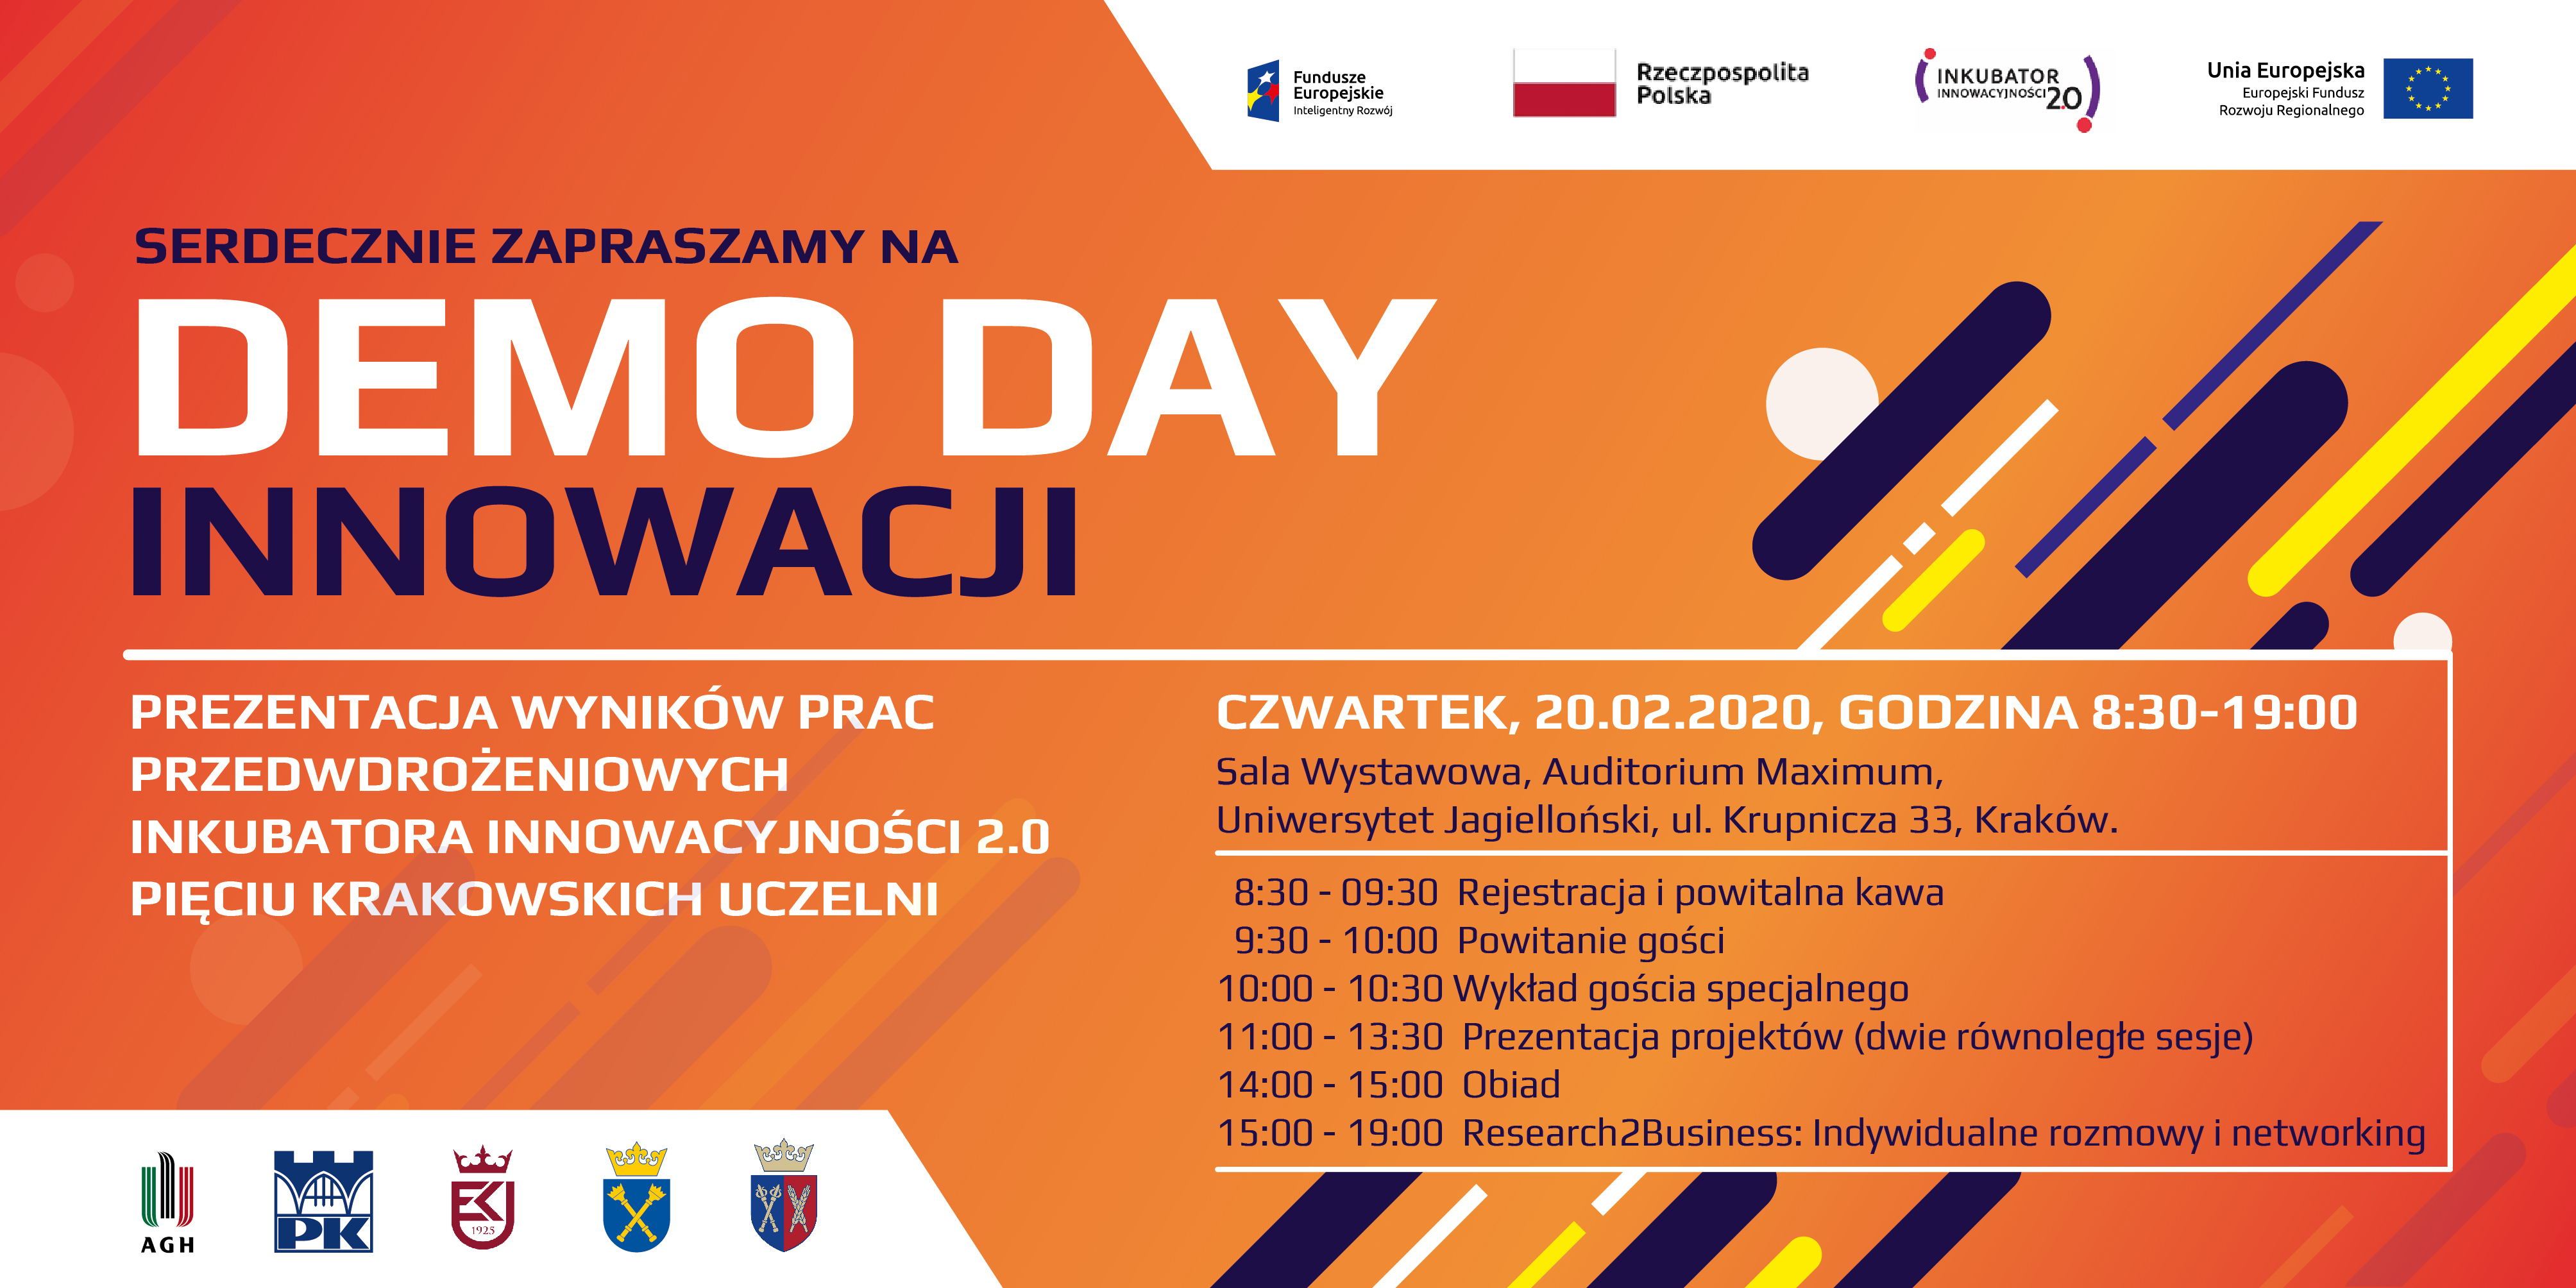 Zaproszenie Demo Day Innowacji, czwarte 20.02.2020 godzina 8:30-19:00